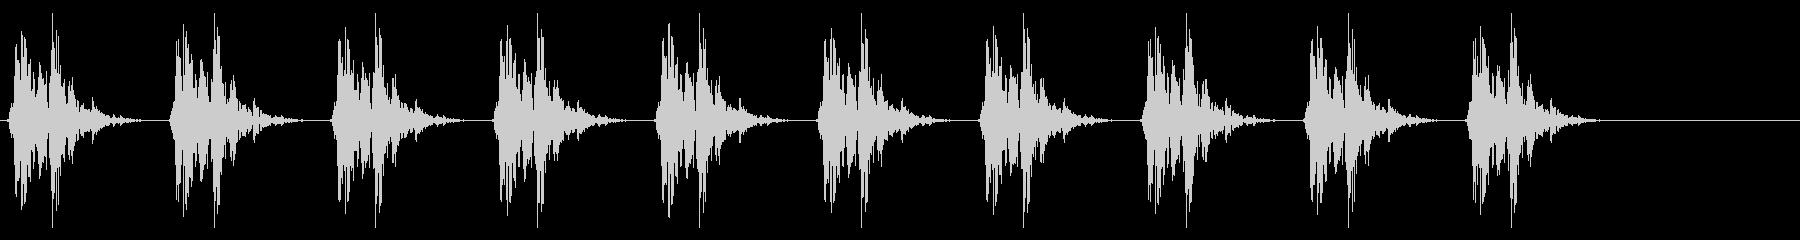 心音、心臓の鼓動_2-1の未再生の波形